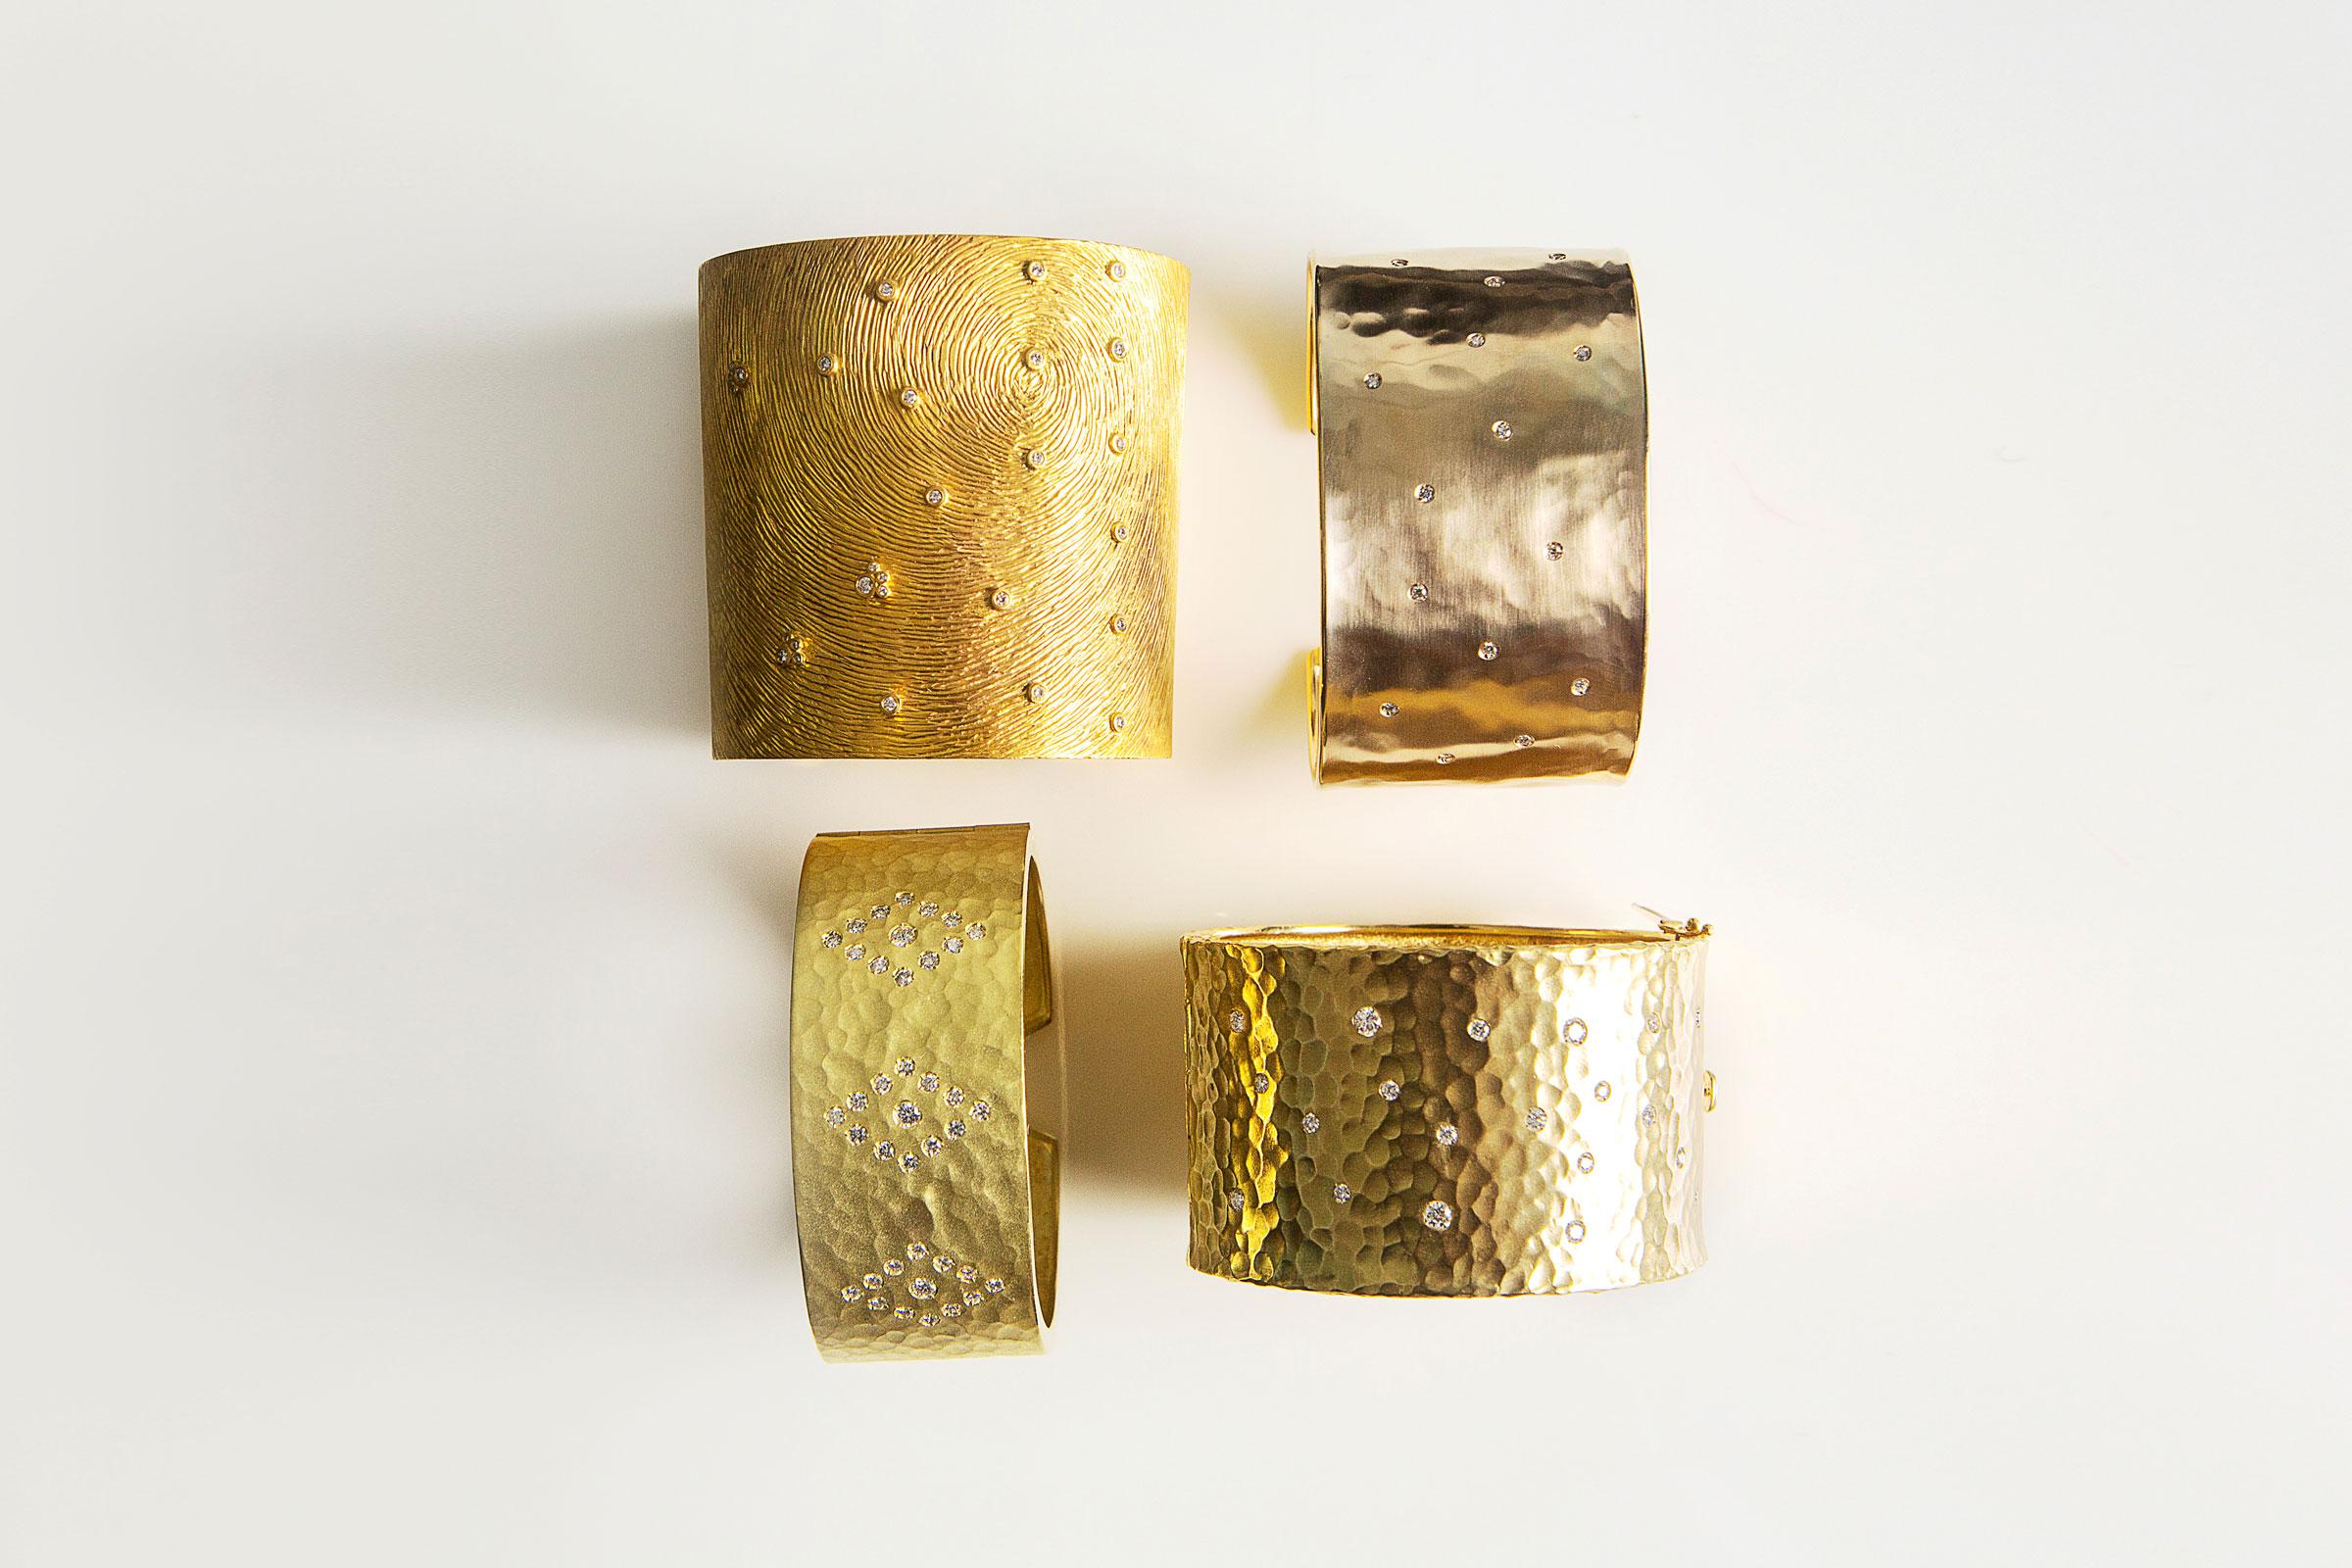 gold-braclets2.jpg